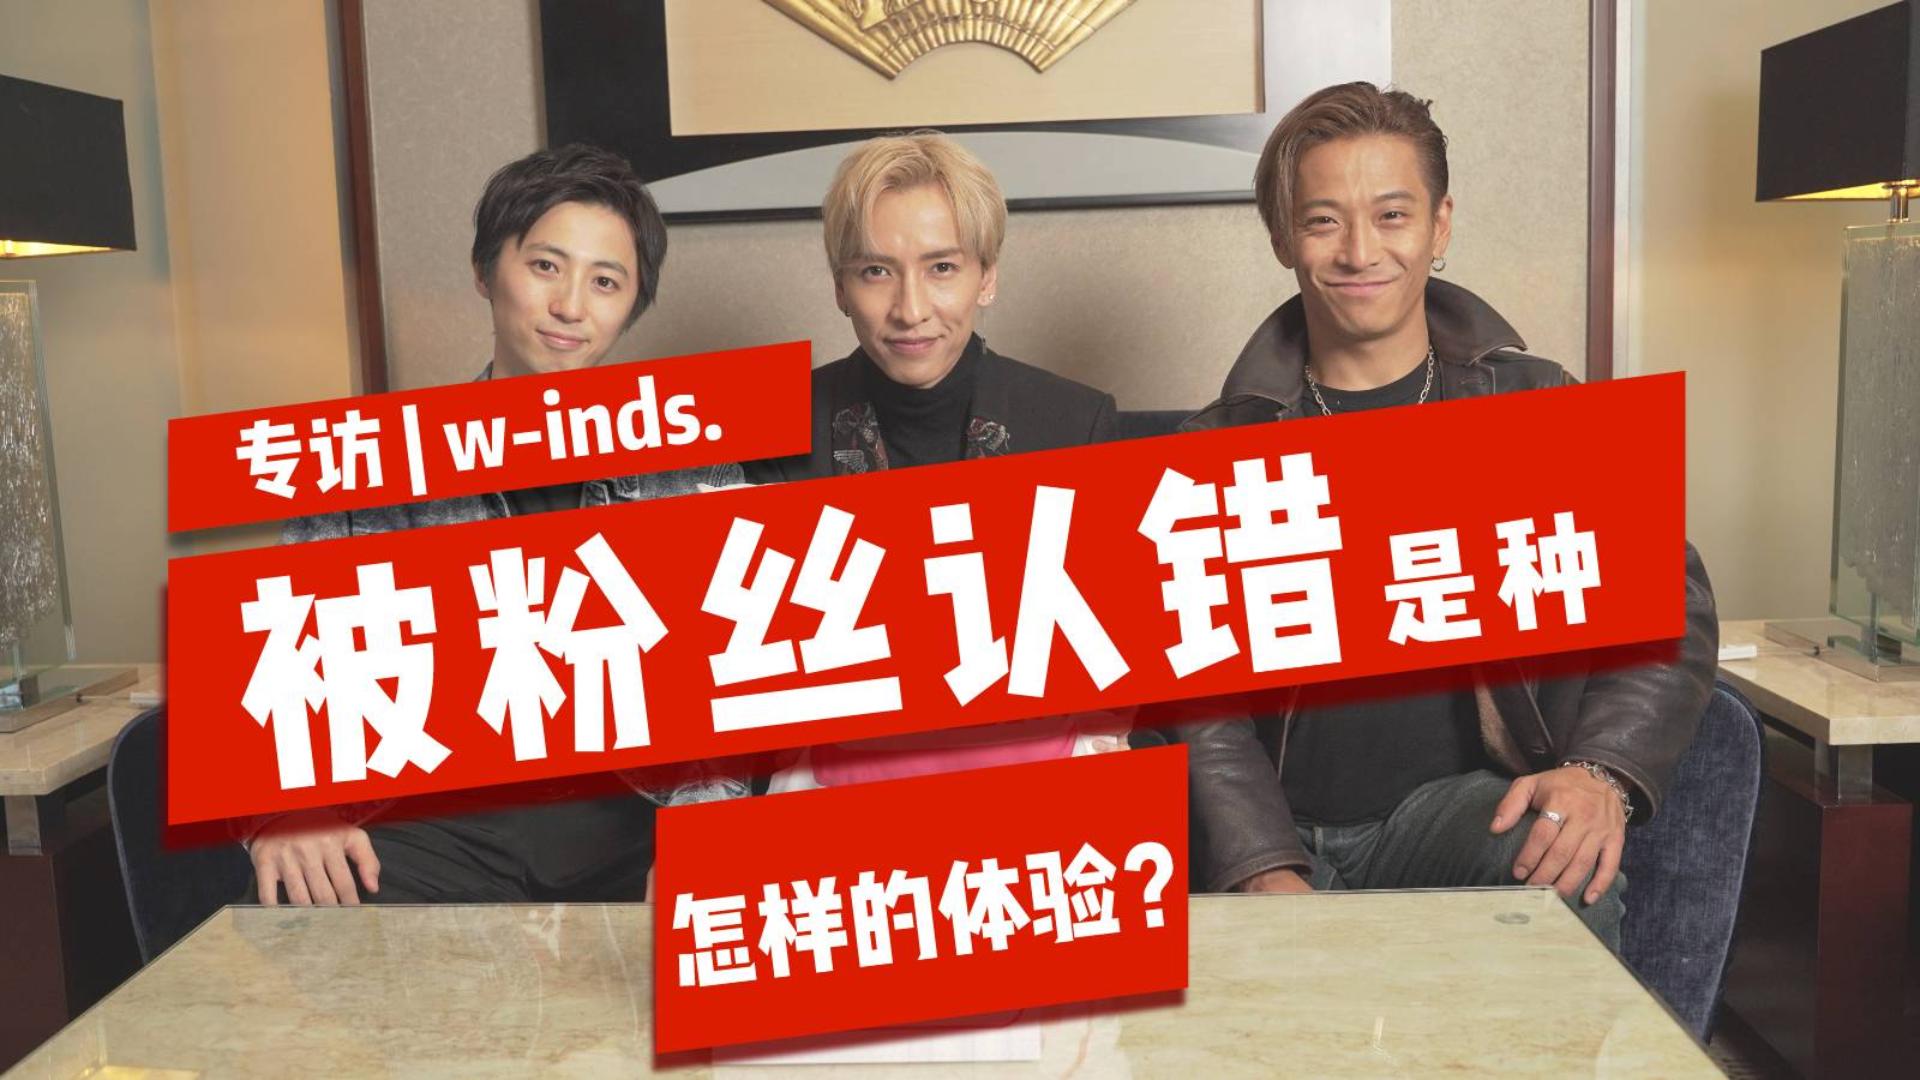 日本知名男团w-inds.成员千叶凉平,采访后台为何嚎啕大哭